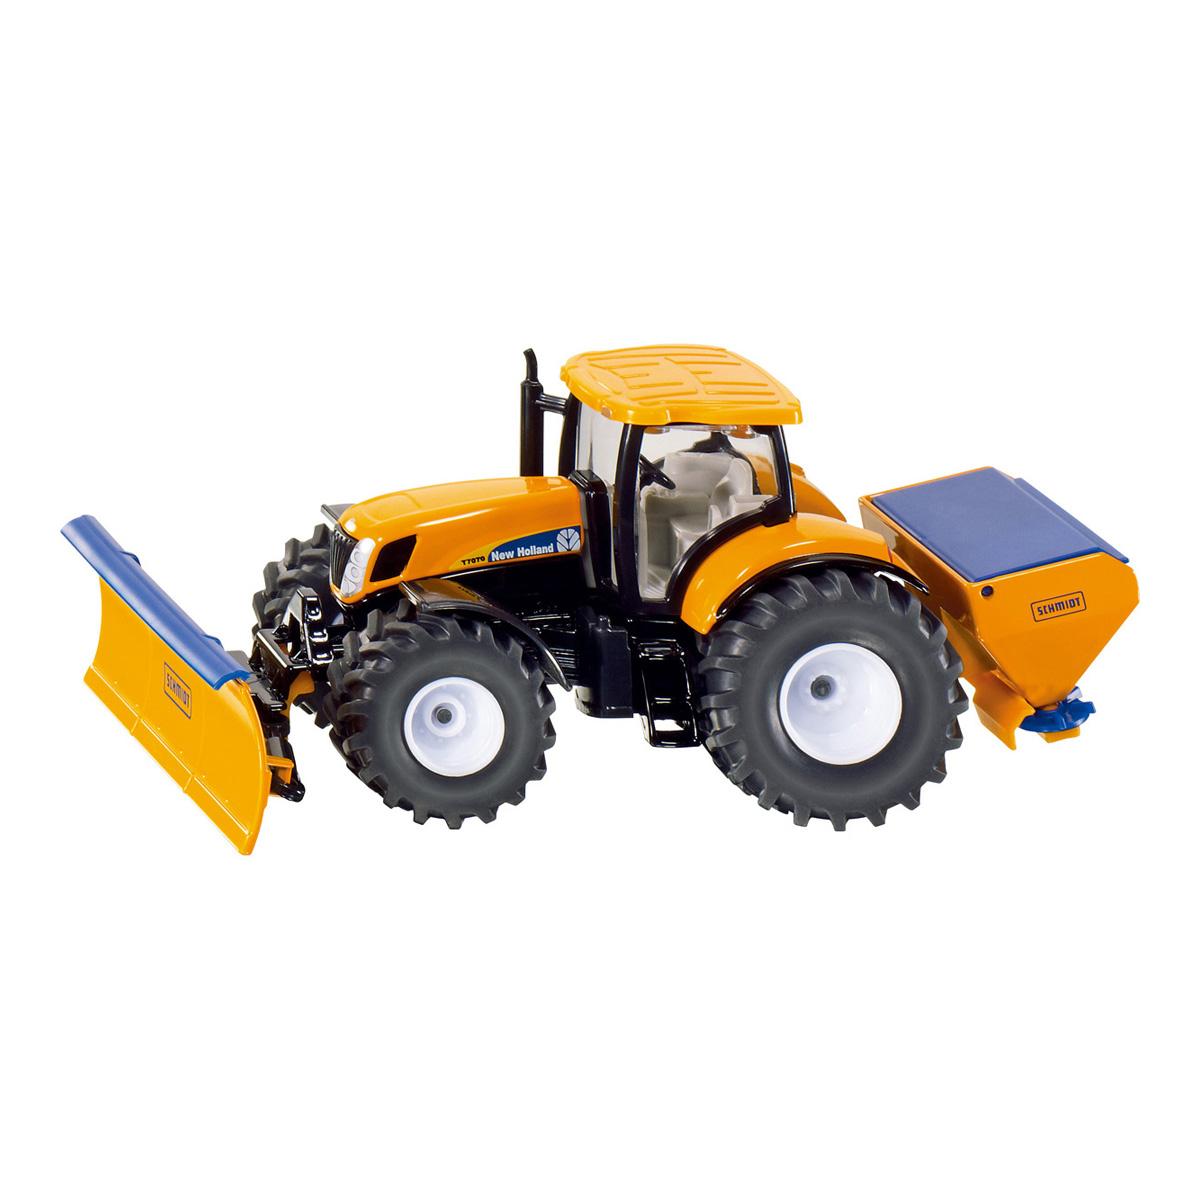 ニューホランド 耕作プレート付きトラクター 1/50(ジク・SIKU)